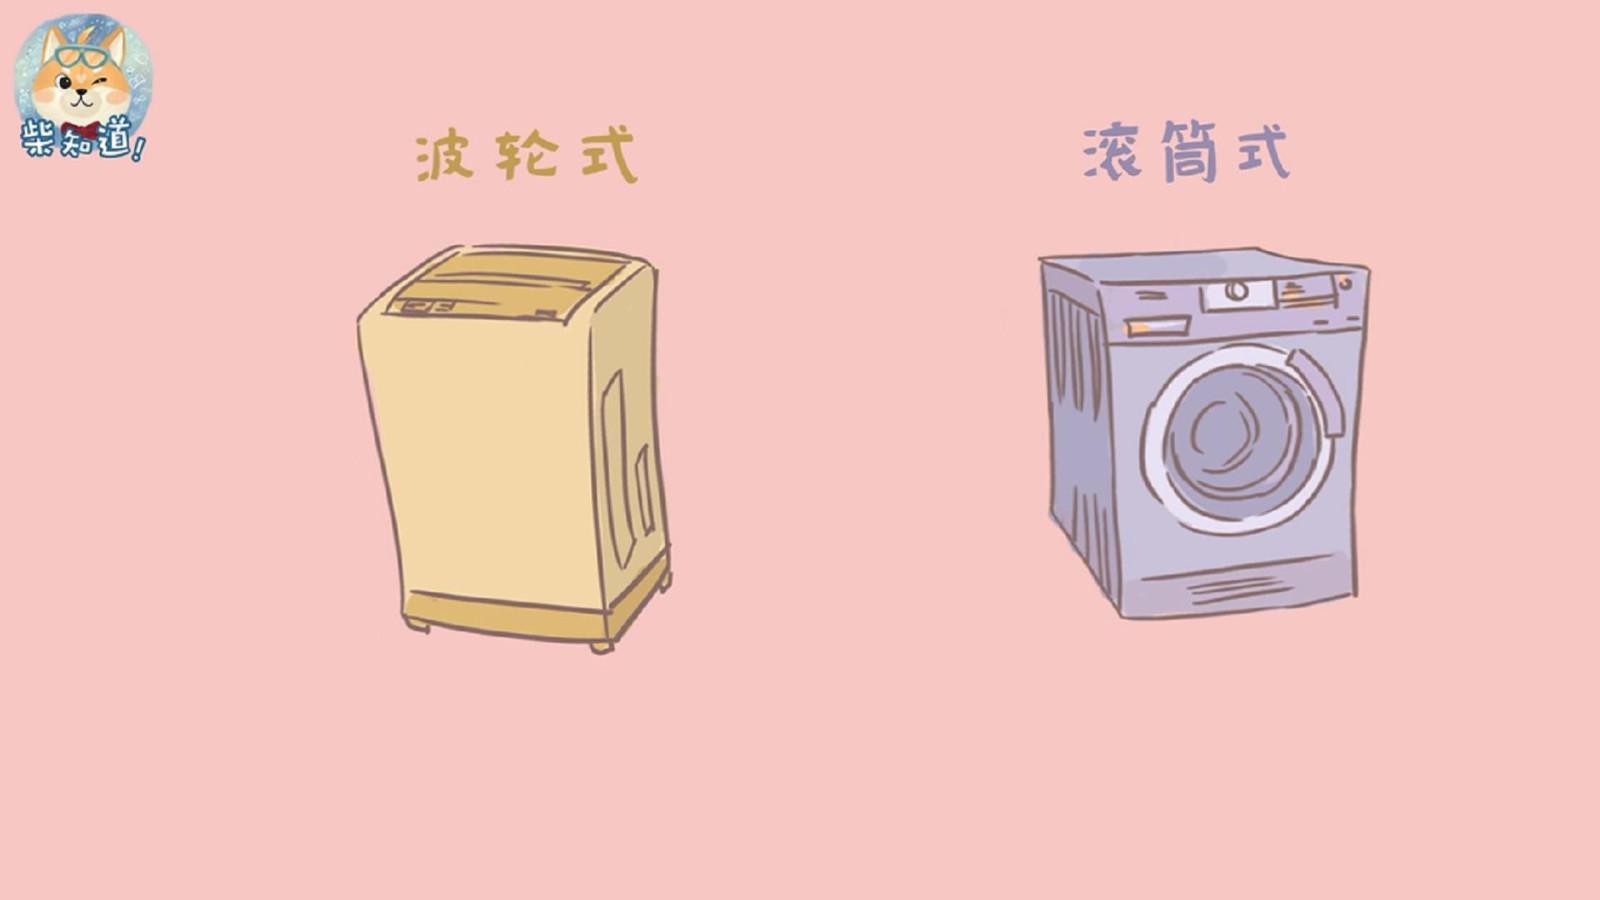 波轮洗衣机和滚筒洗衣机哪个好?